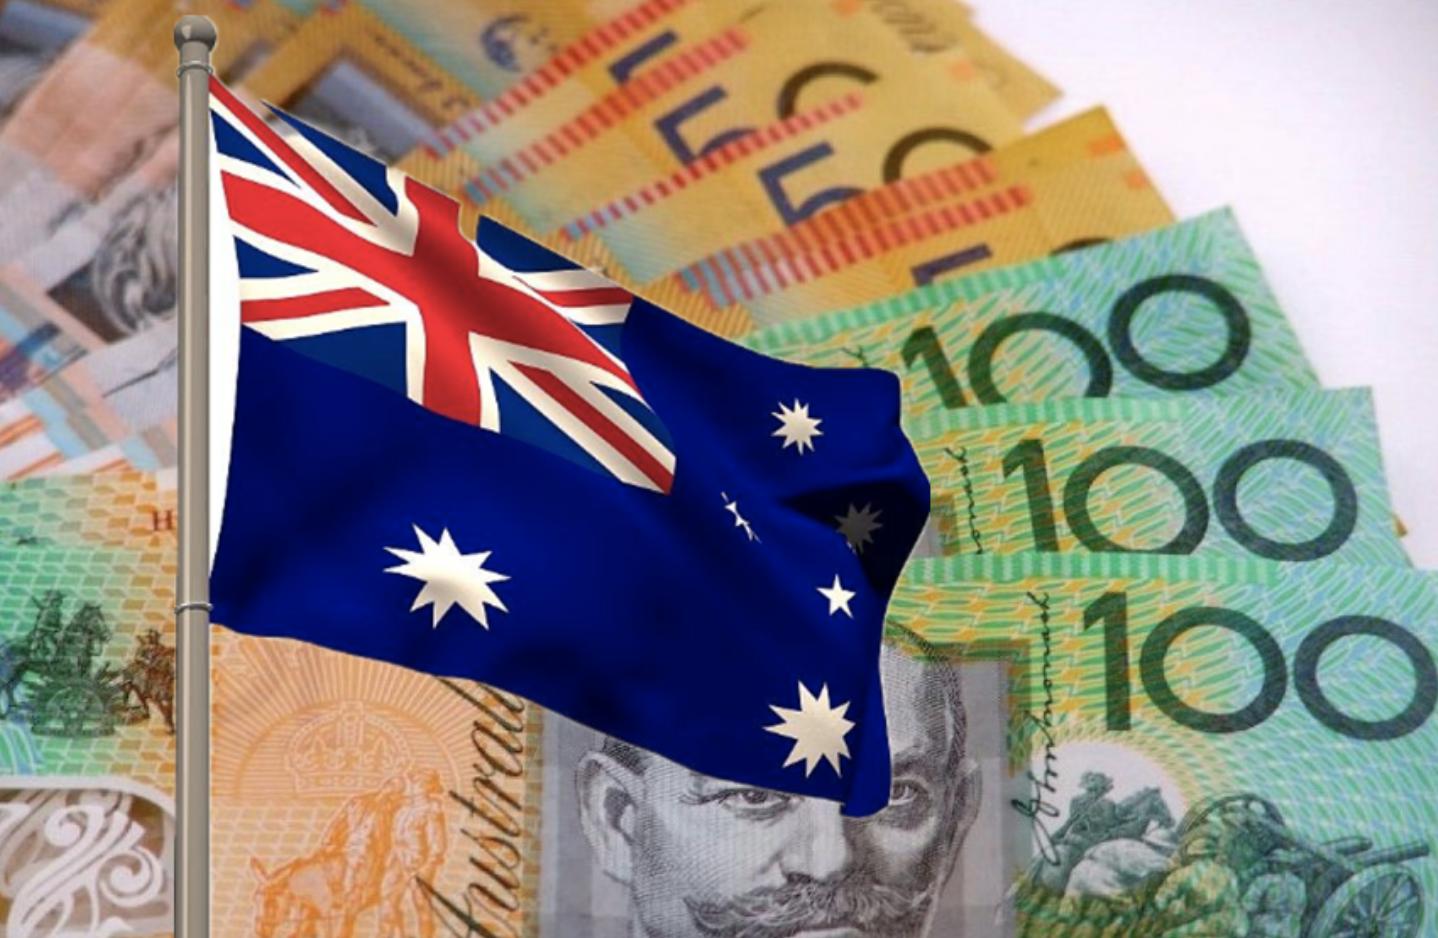 损失惨重,澳洲商界群情激愤不再忍耐,决定撇开政界奔赴中国求和